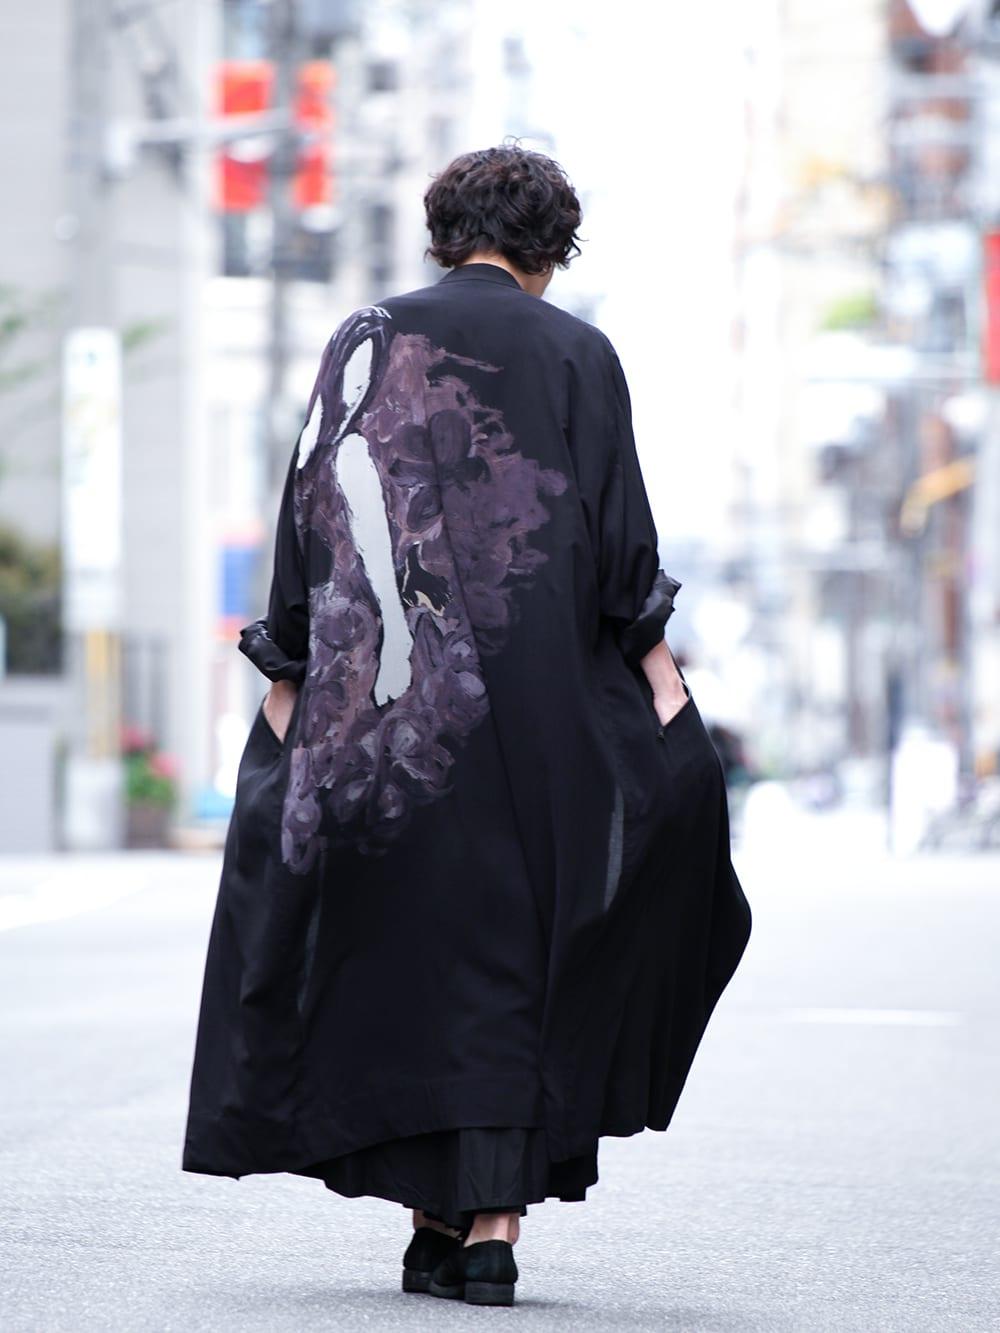 Yohji Yamamoto 19SS HAKAMA Pants 2Way Coordinate - 1-004